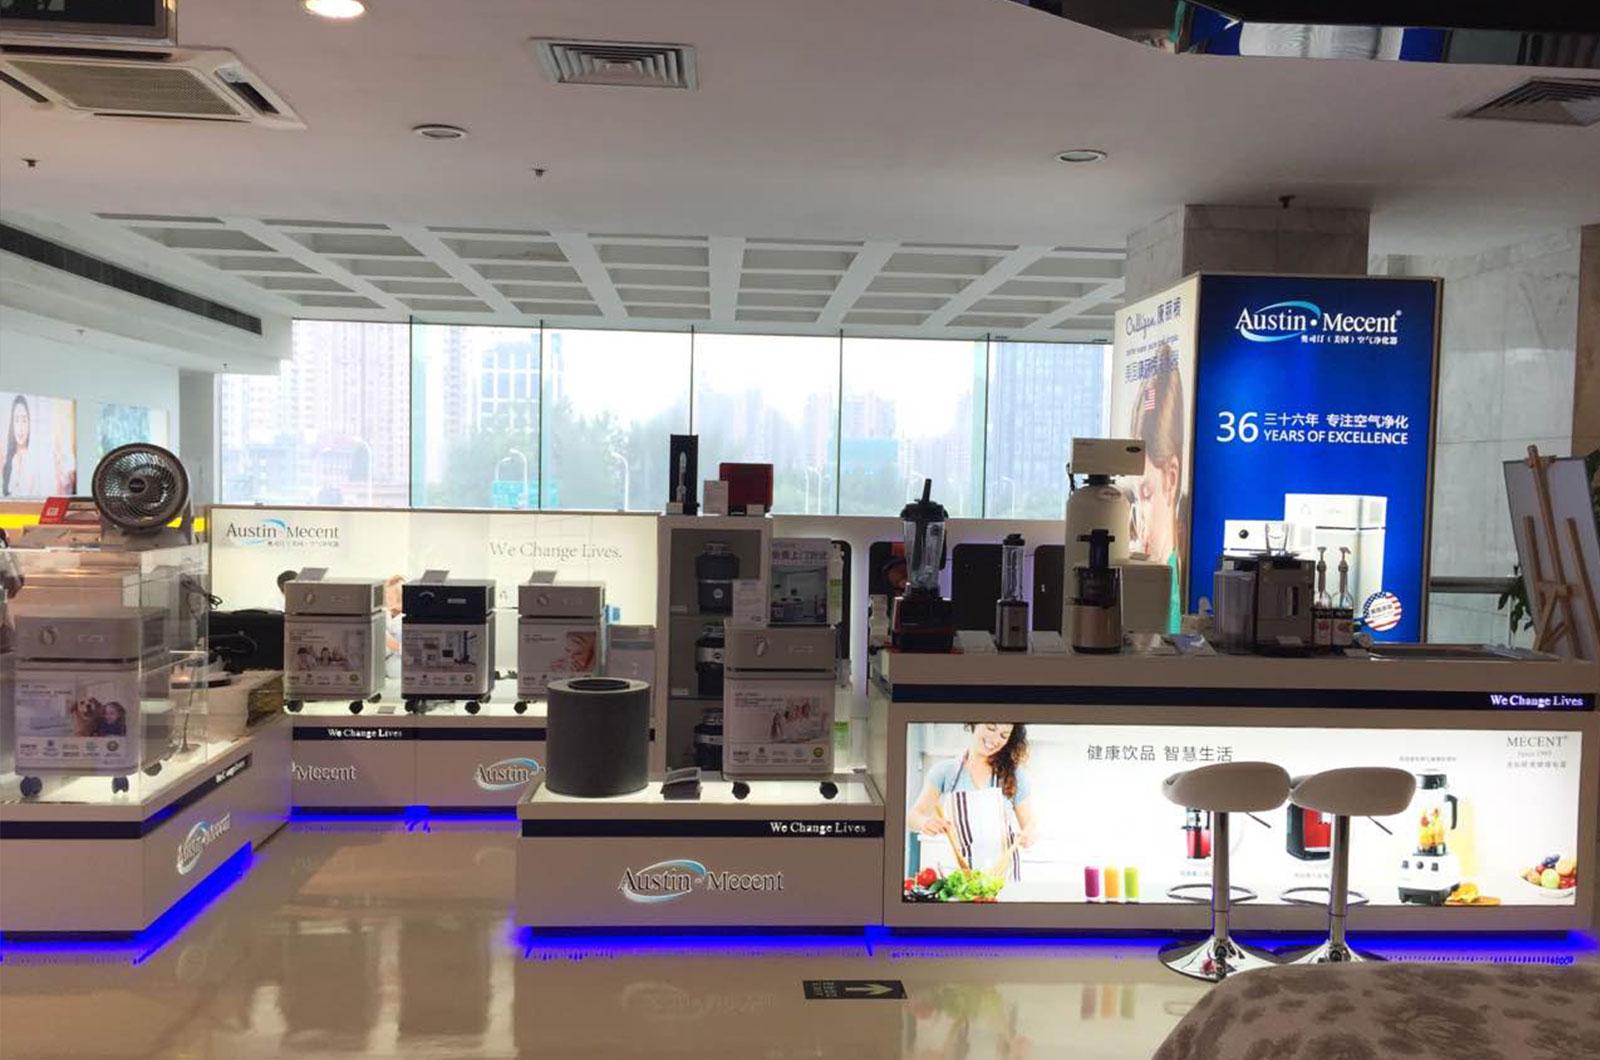 上海虹橋友誼店